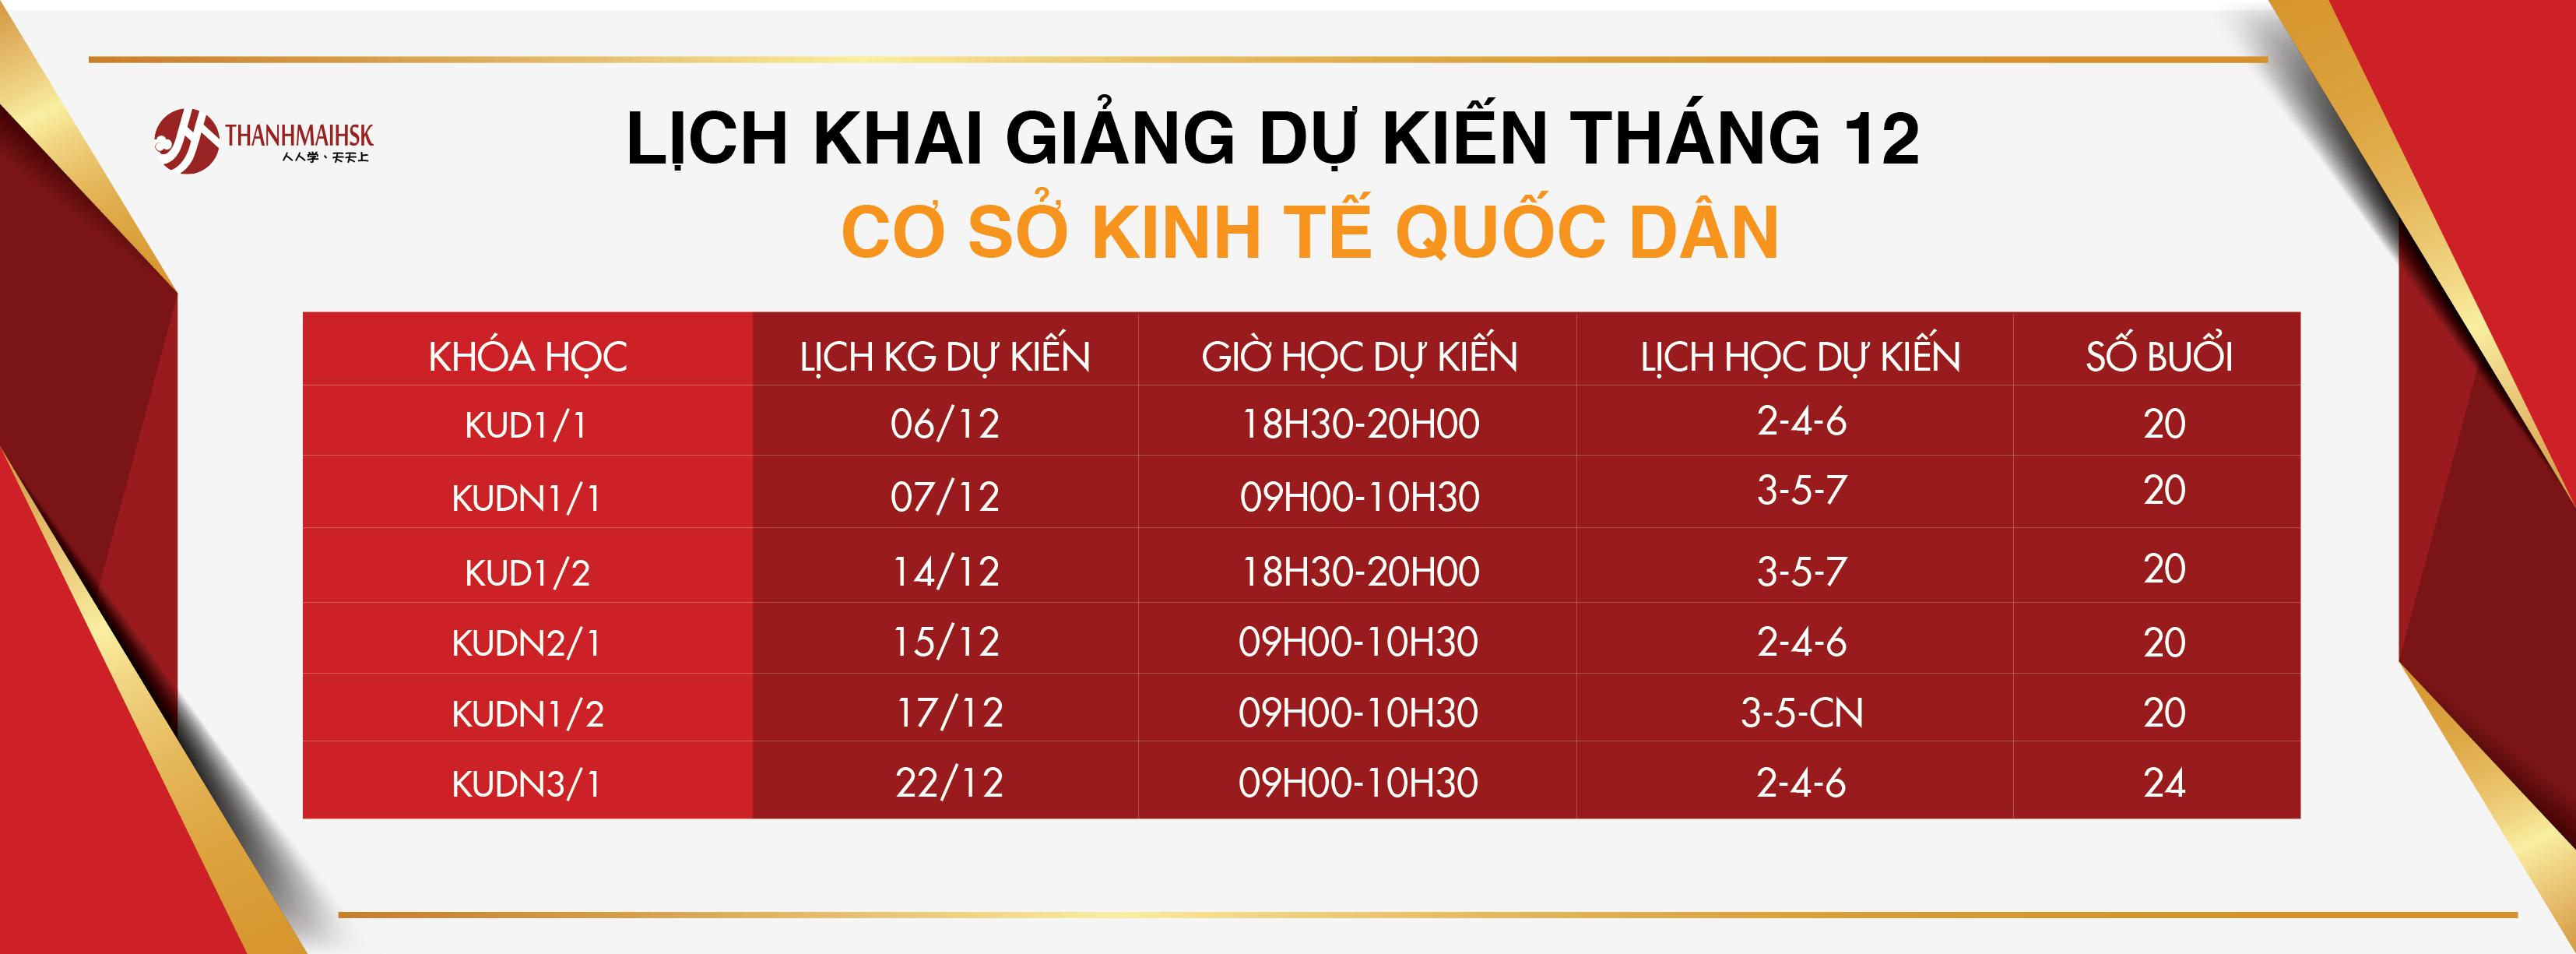 Lịch KGDK tháng 12 THANHMAIHSK cơ sở 4 Kinh tế quốc dân